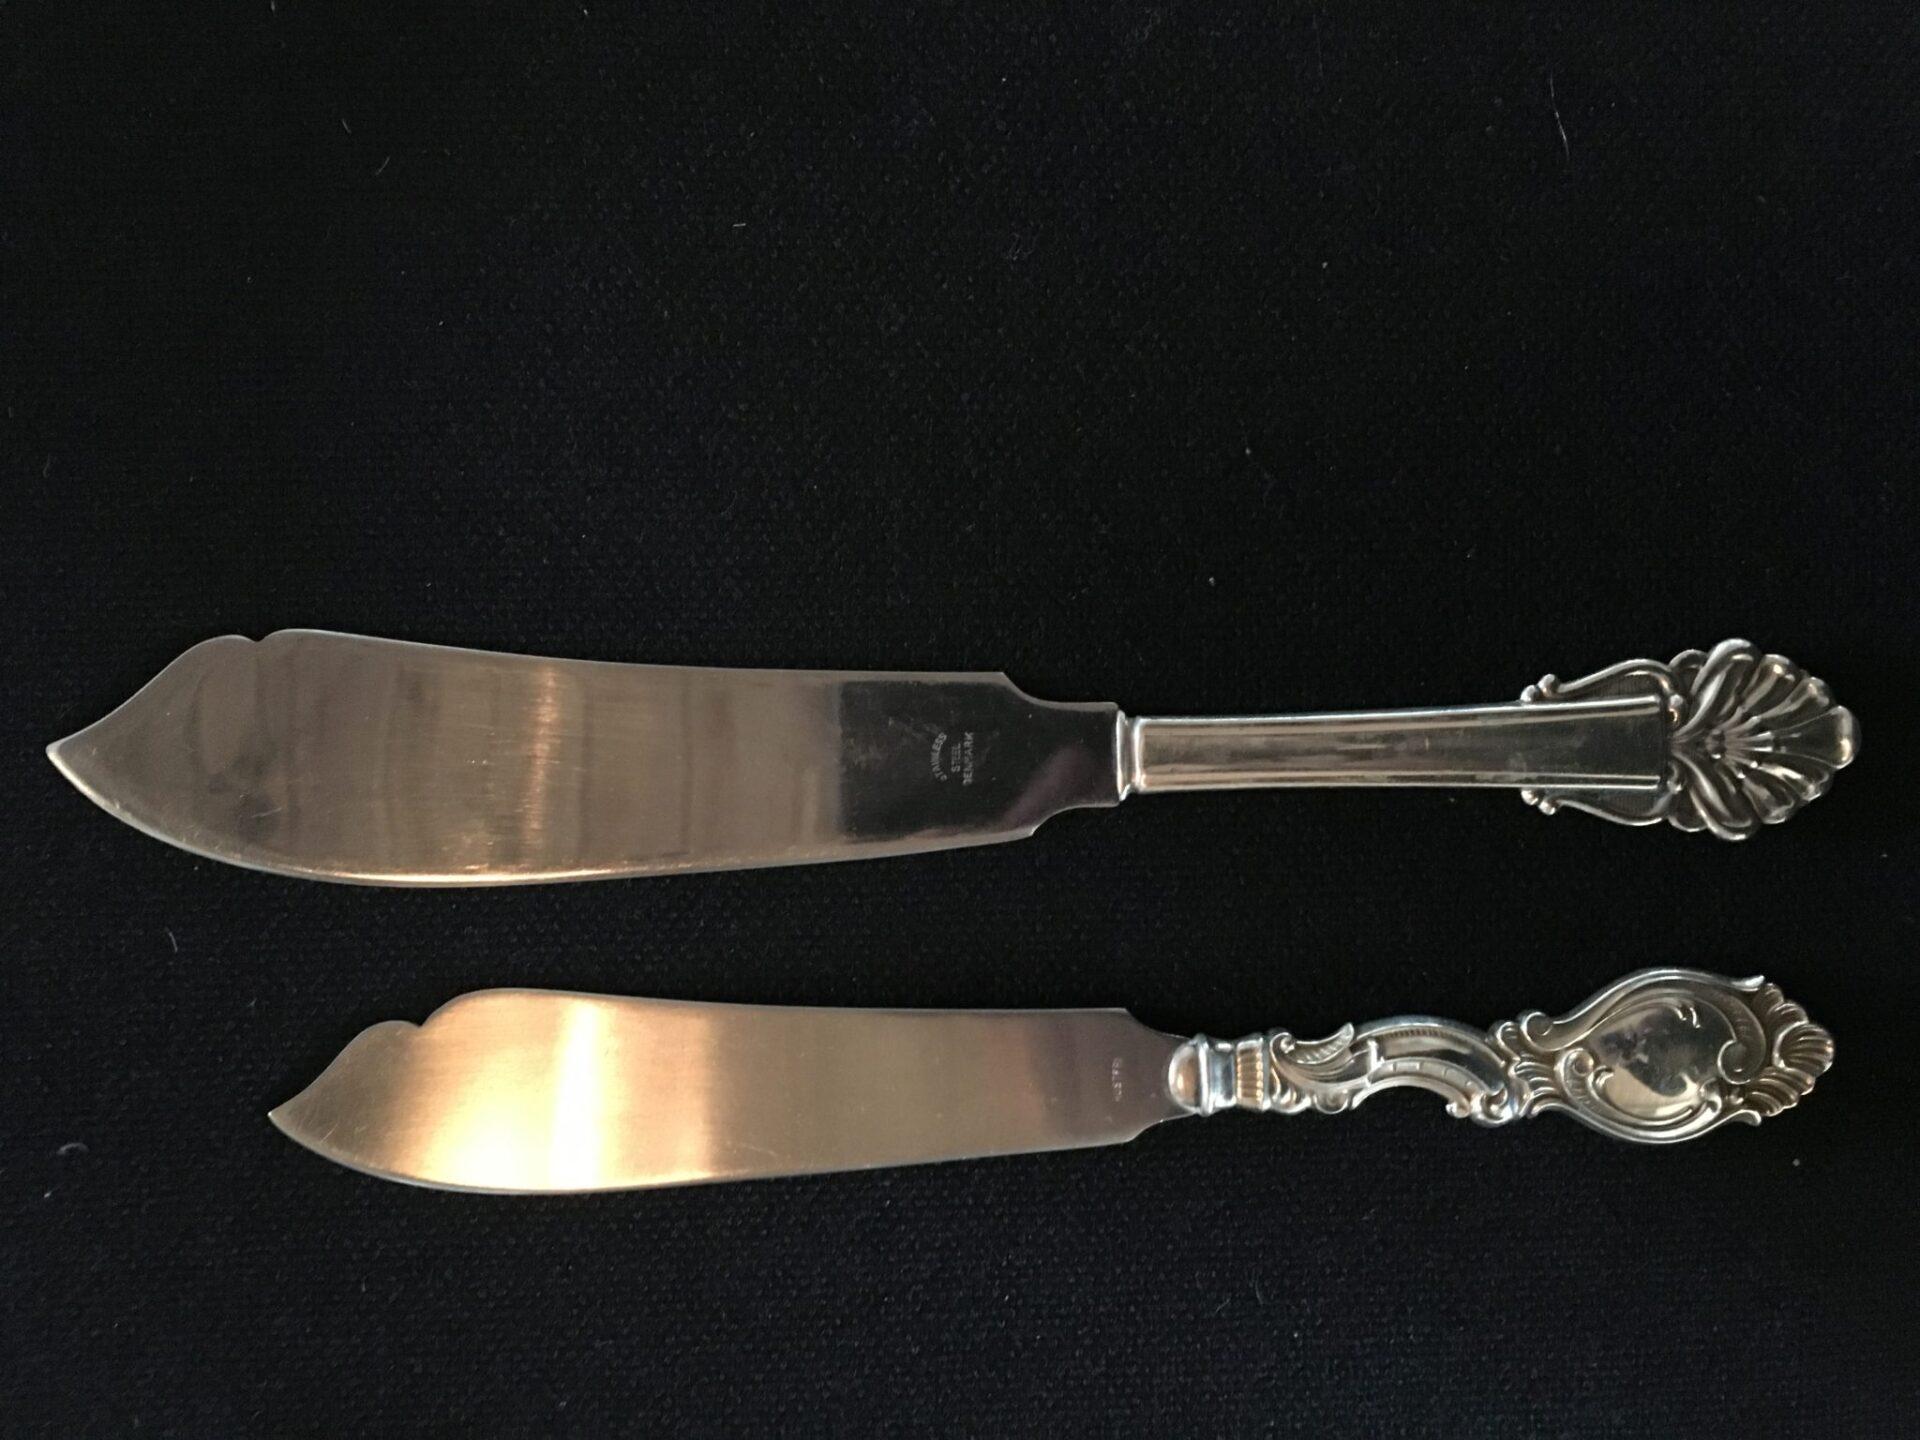 lagkageknive, 3-tårnet sølv, pr. stk 250 kr